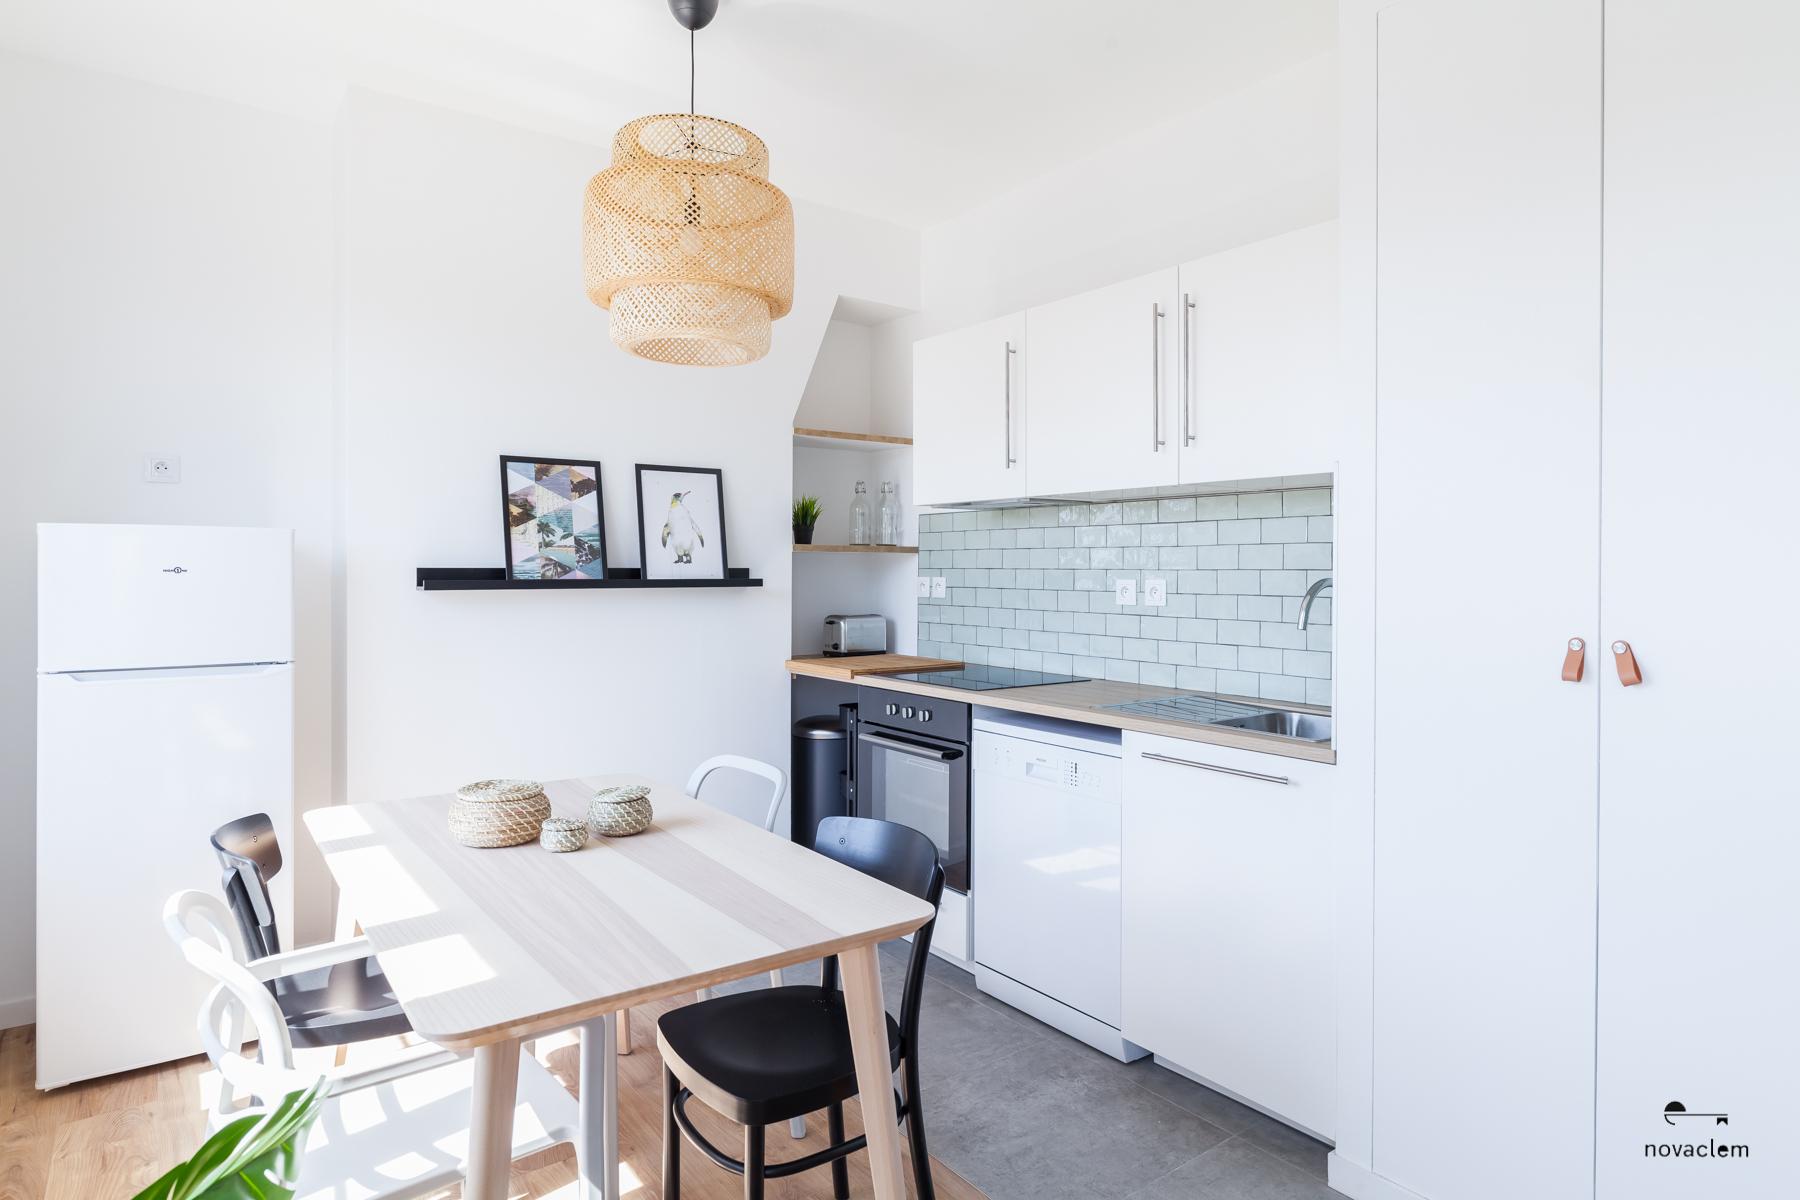 Novaclem -Cuisine après travaux Coloc Monastère - Investissement Marseille